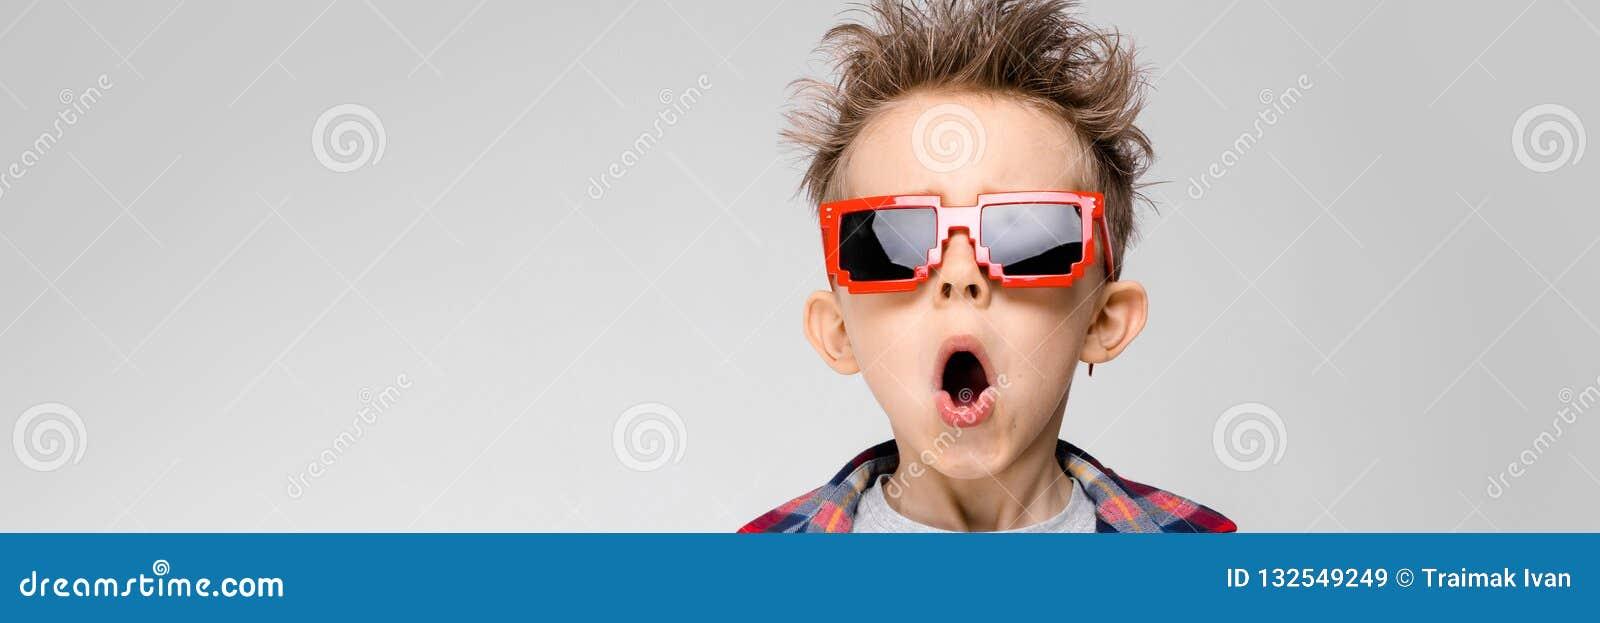 Красивый мальчик в рубашке шотландки, серой рубашке и джинсах стоит на серой предпосылке Солнечные очки мальчика нося Рыжеволосый